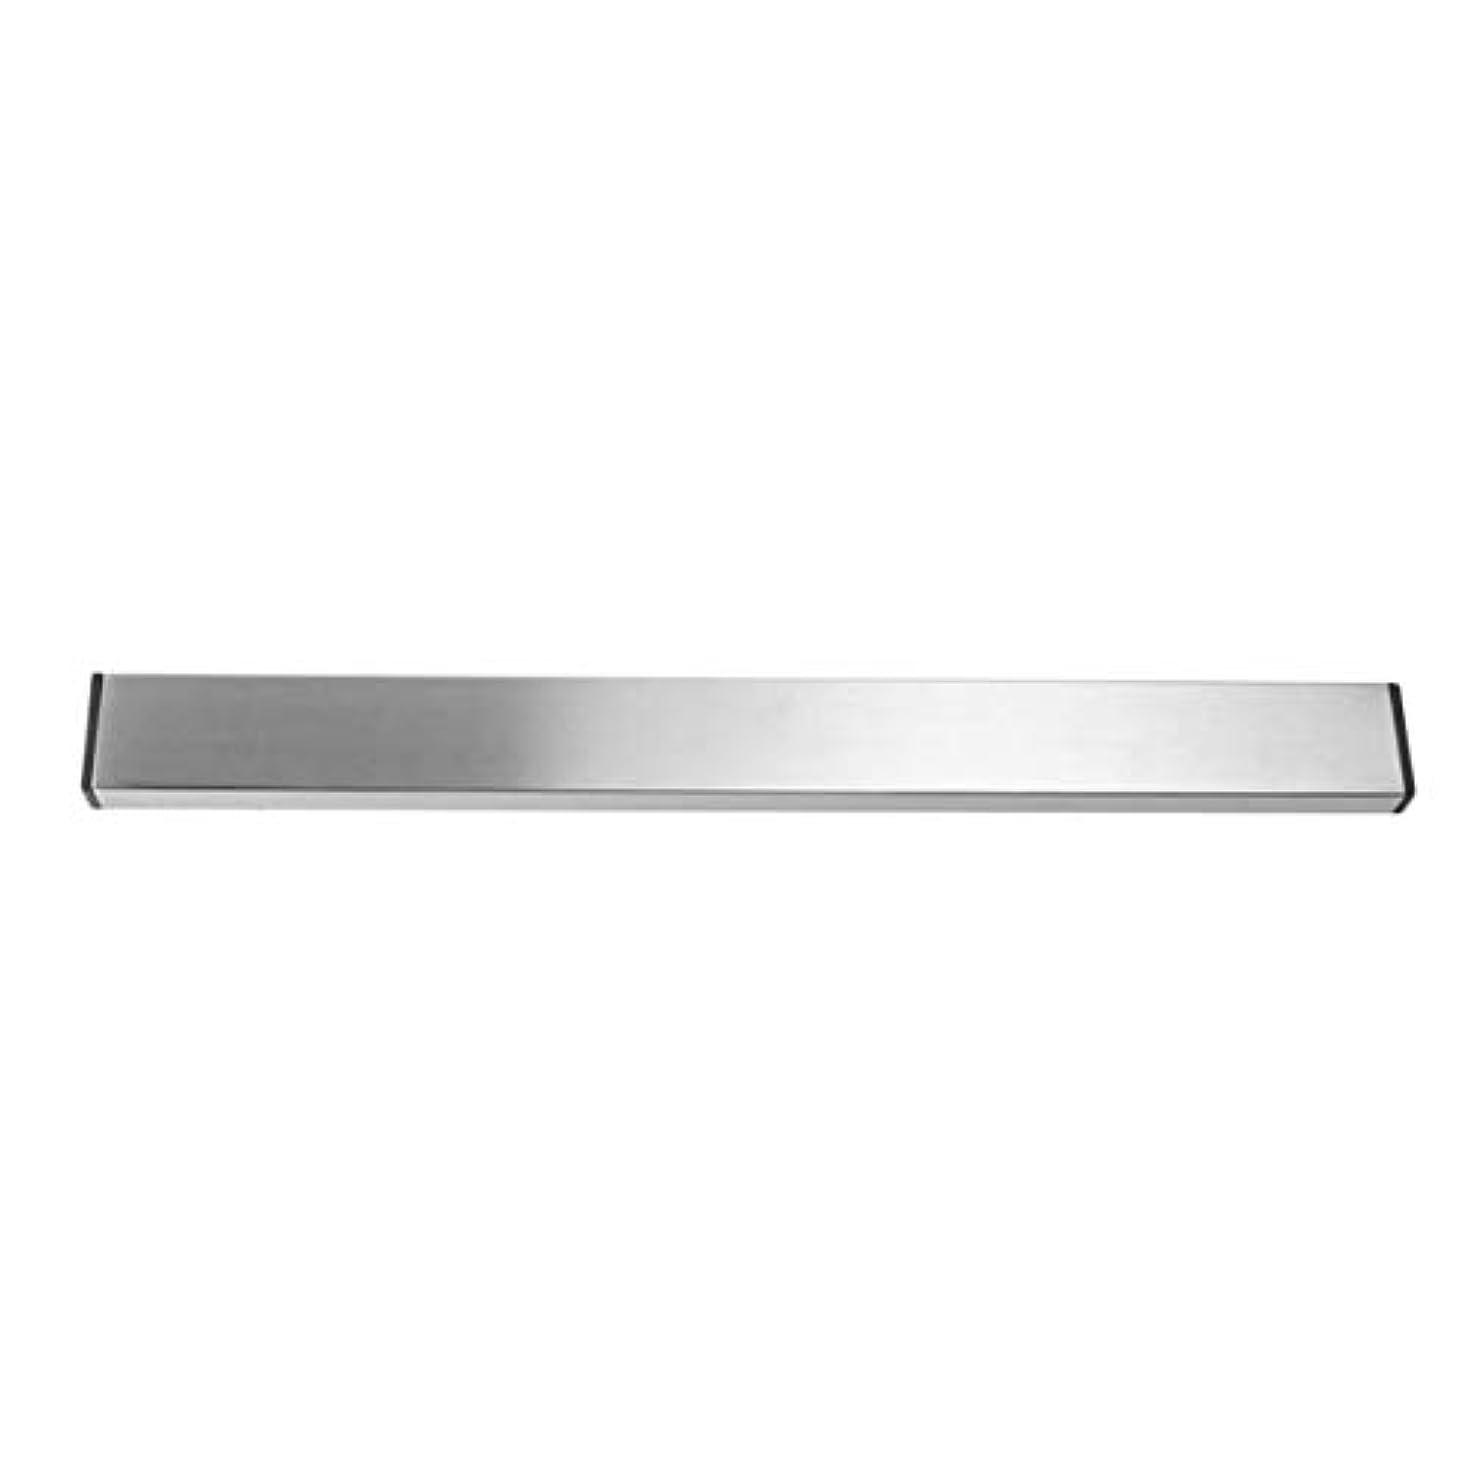 正確な冗長心配Saikogoods 実用的なホーム台所の壁マウントされた磁気ナイフホルダー耐久性のあるステンレススチール簡単に保存ナイフは台所用具ラック 銀 M